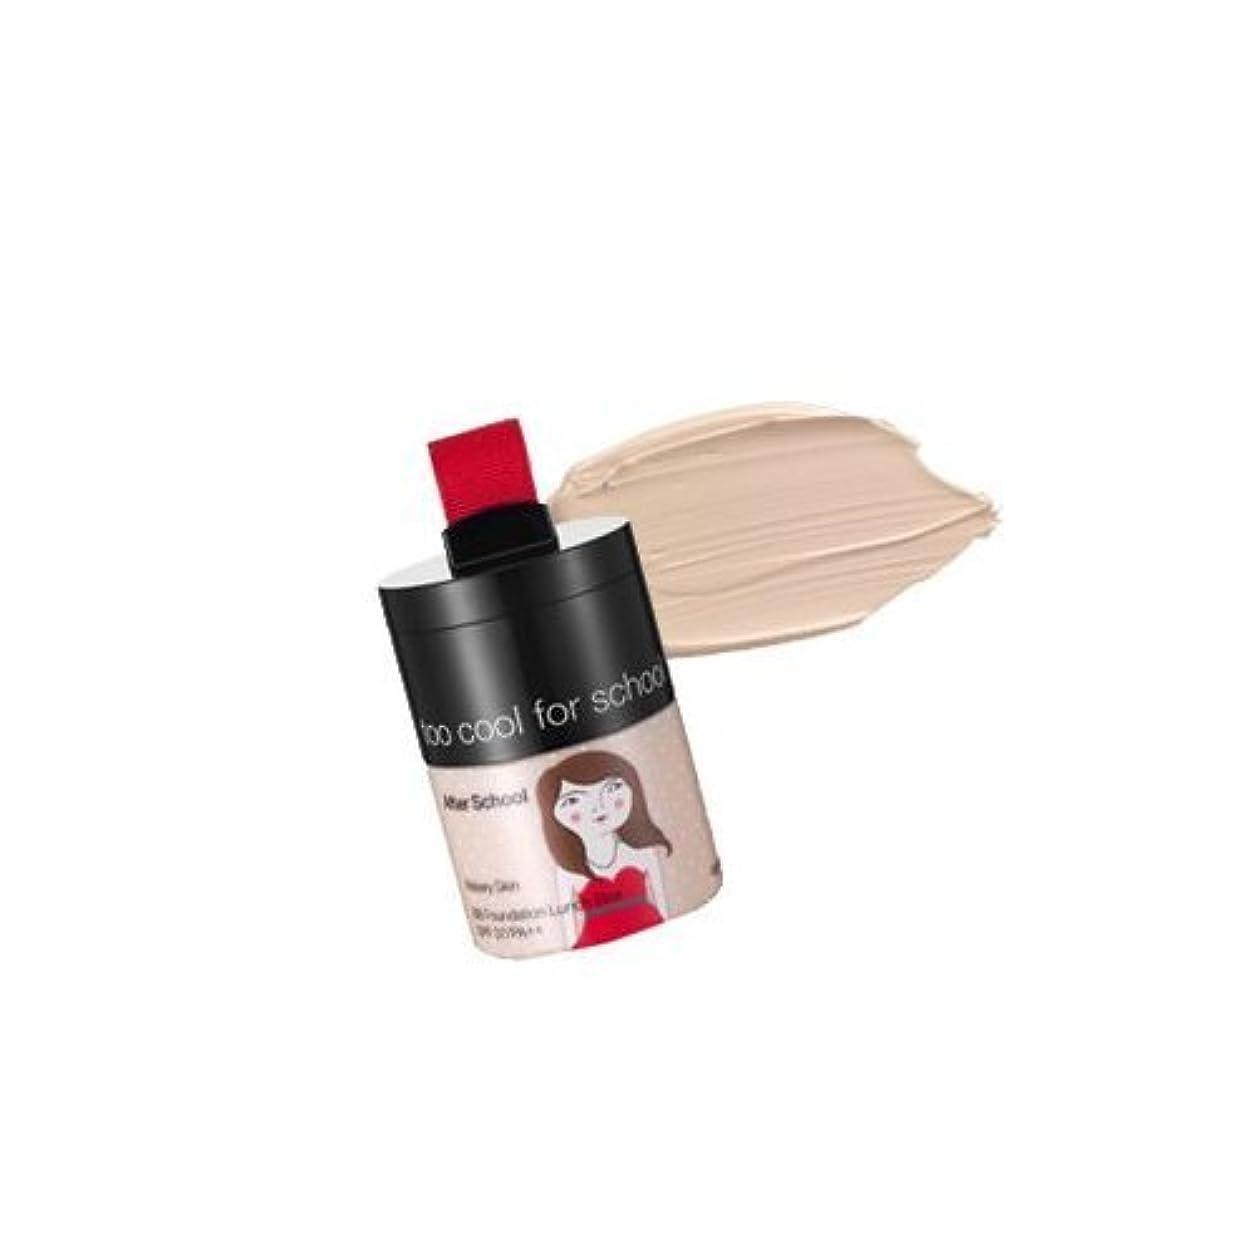 天窓クライアント疎外するTOO COOL FOR SCHOOL After School BB Foundation Lunch Box 01 Matte Skin (並行輸入品)